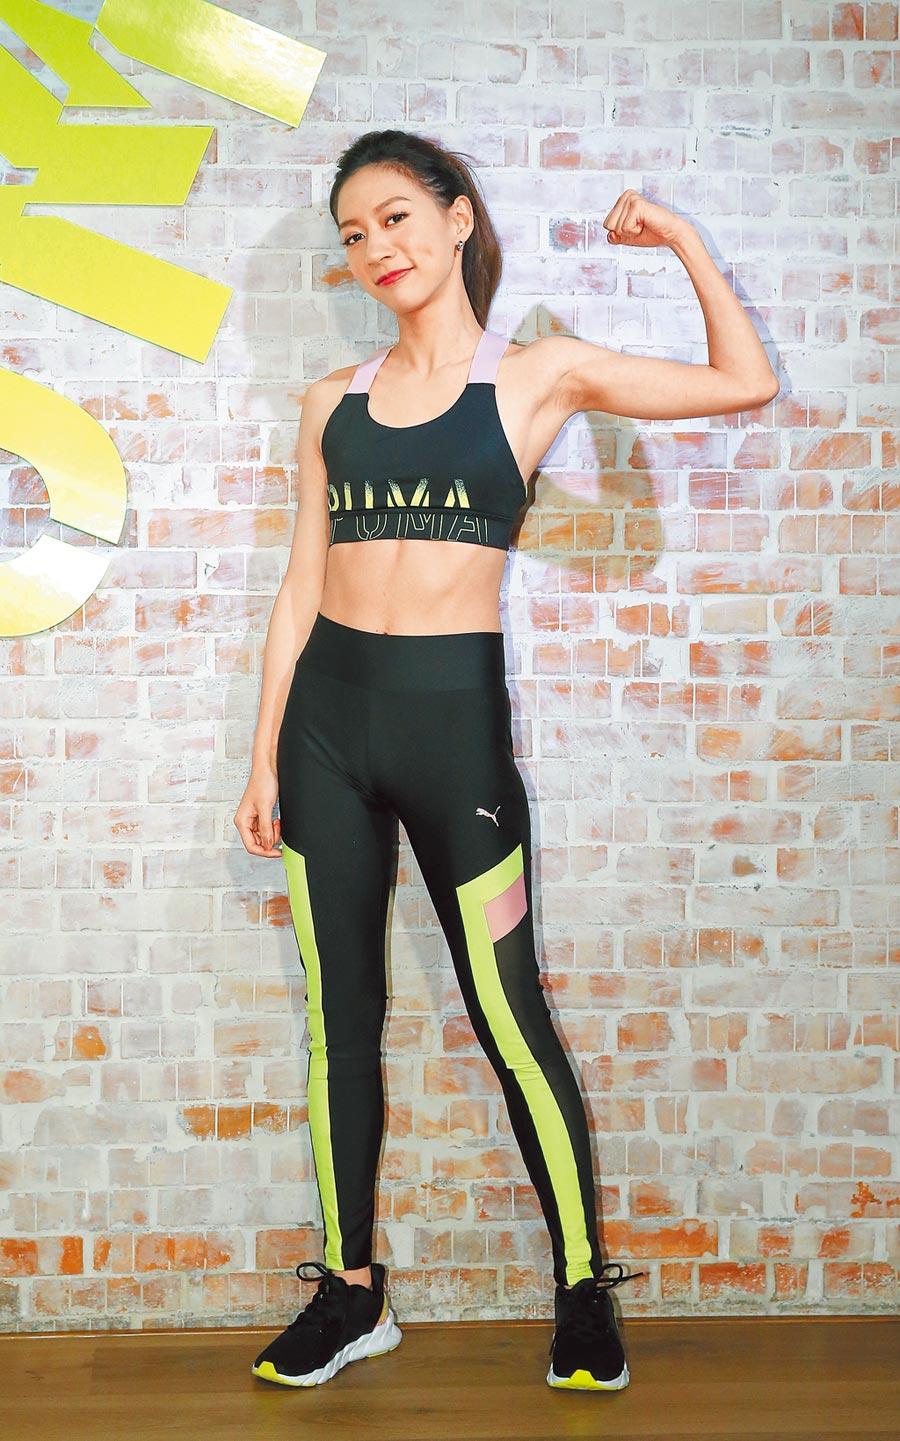 陈妤昨参加活动,只有42公斤的她,平时靠户外运动锻鍊身材。